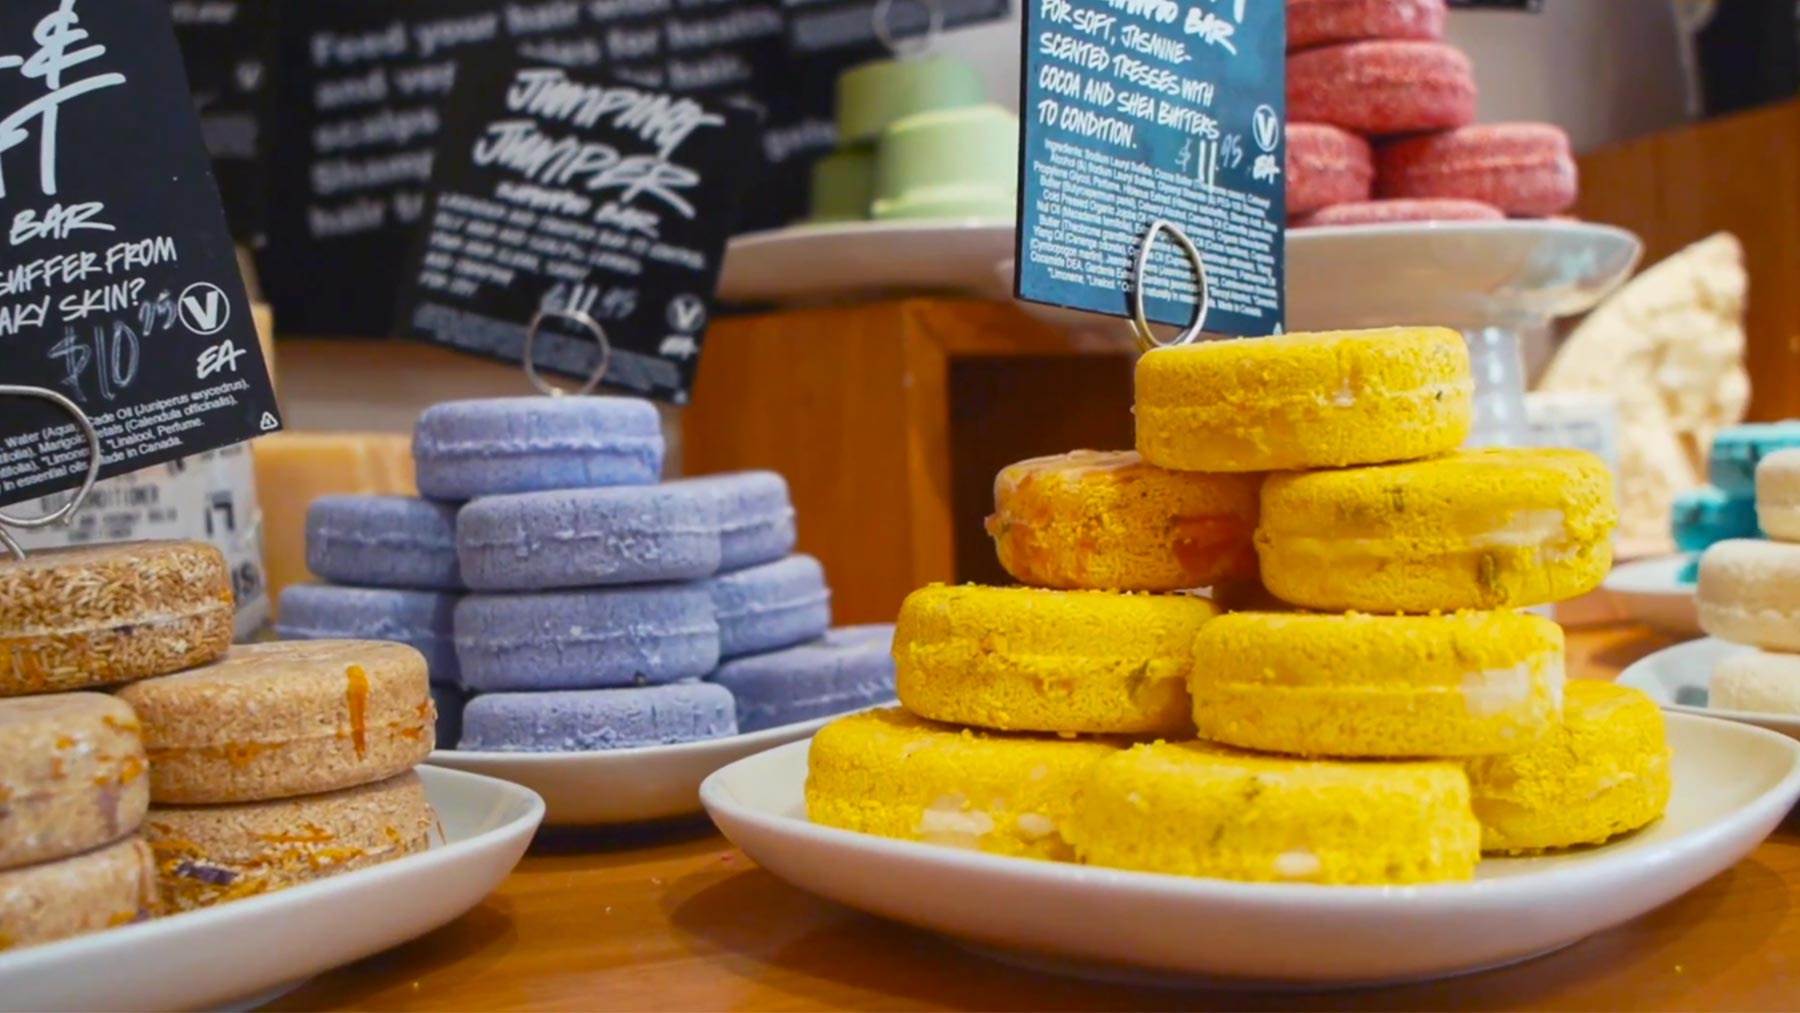 Lush Fresh Handmade Cosmetics Kitchener